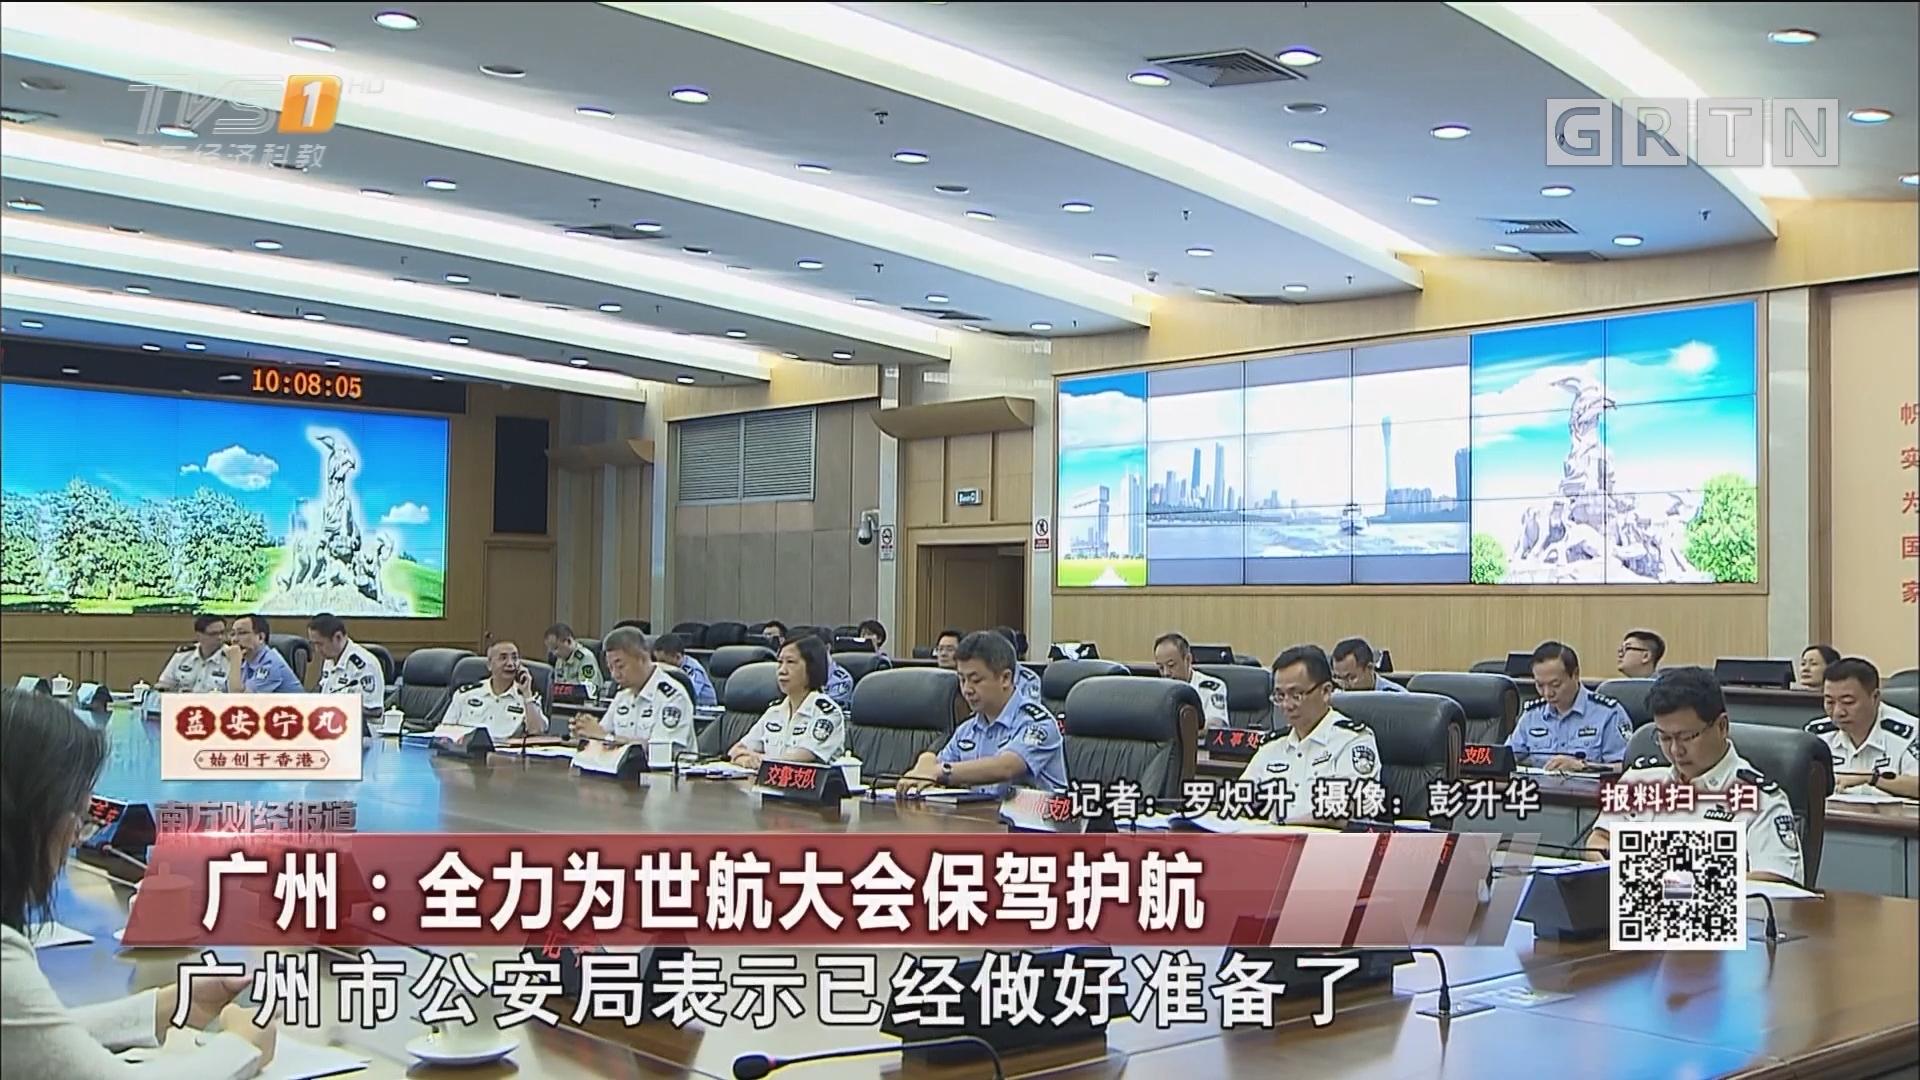 广州:全力为世航大会保驾护航